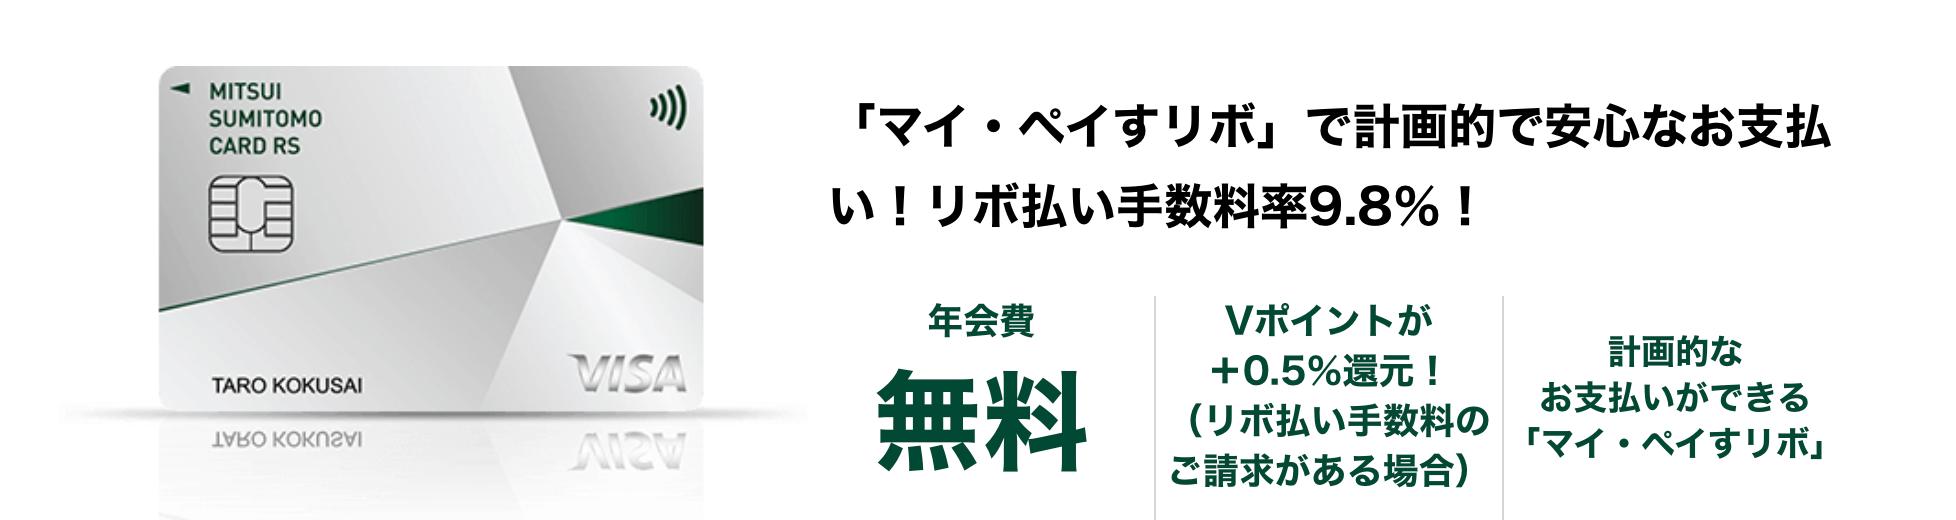 三井住友カードリボスタイル